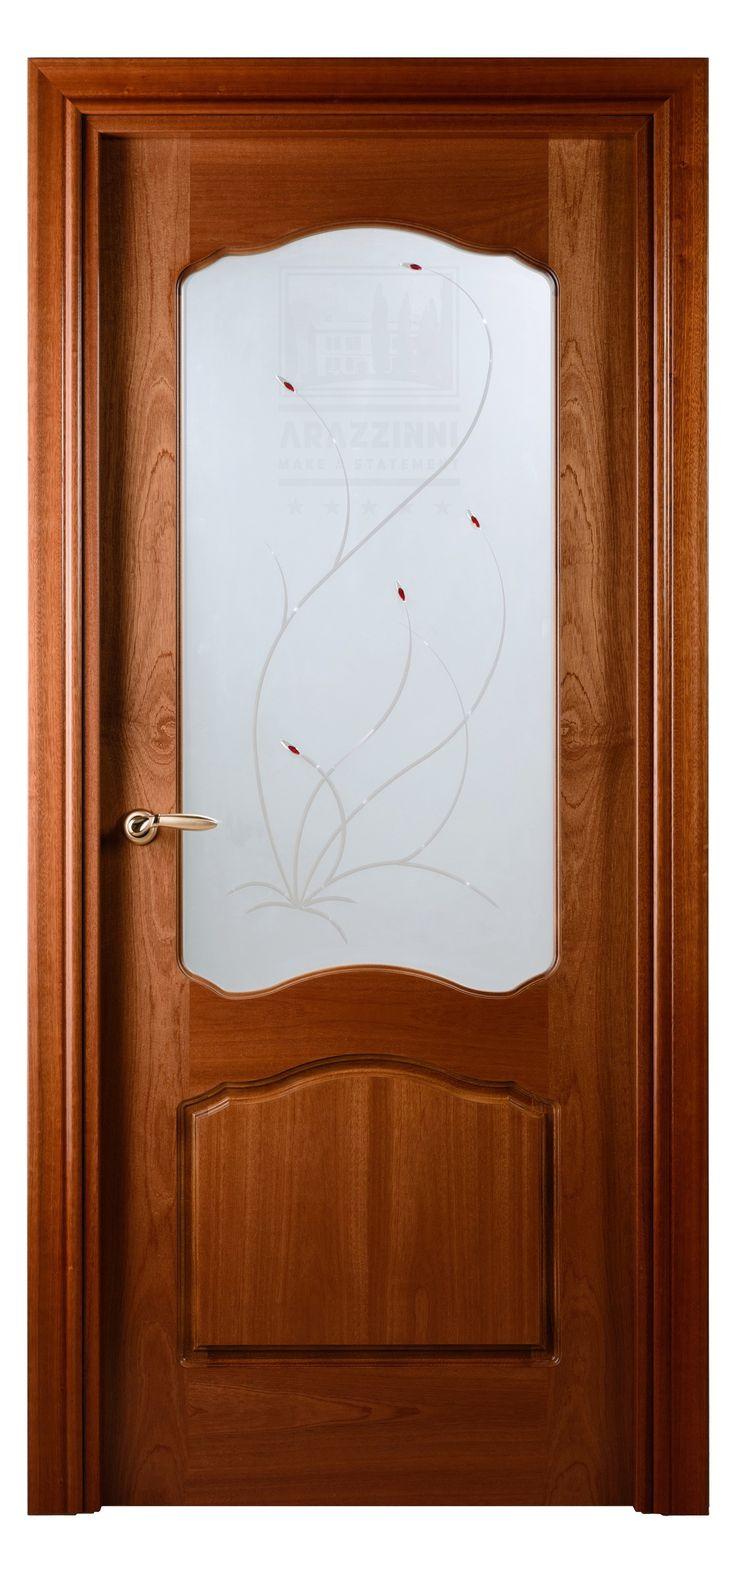 Desta Verra Interior Door in Sapele Finish